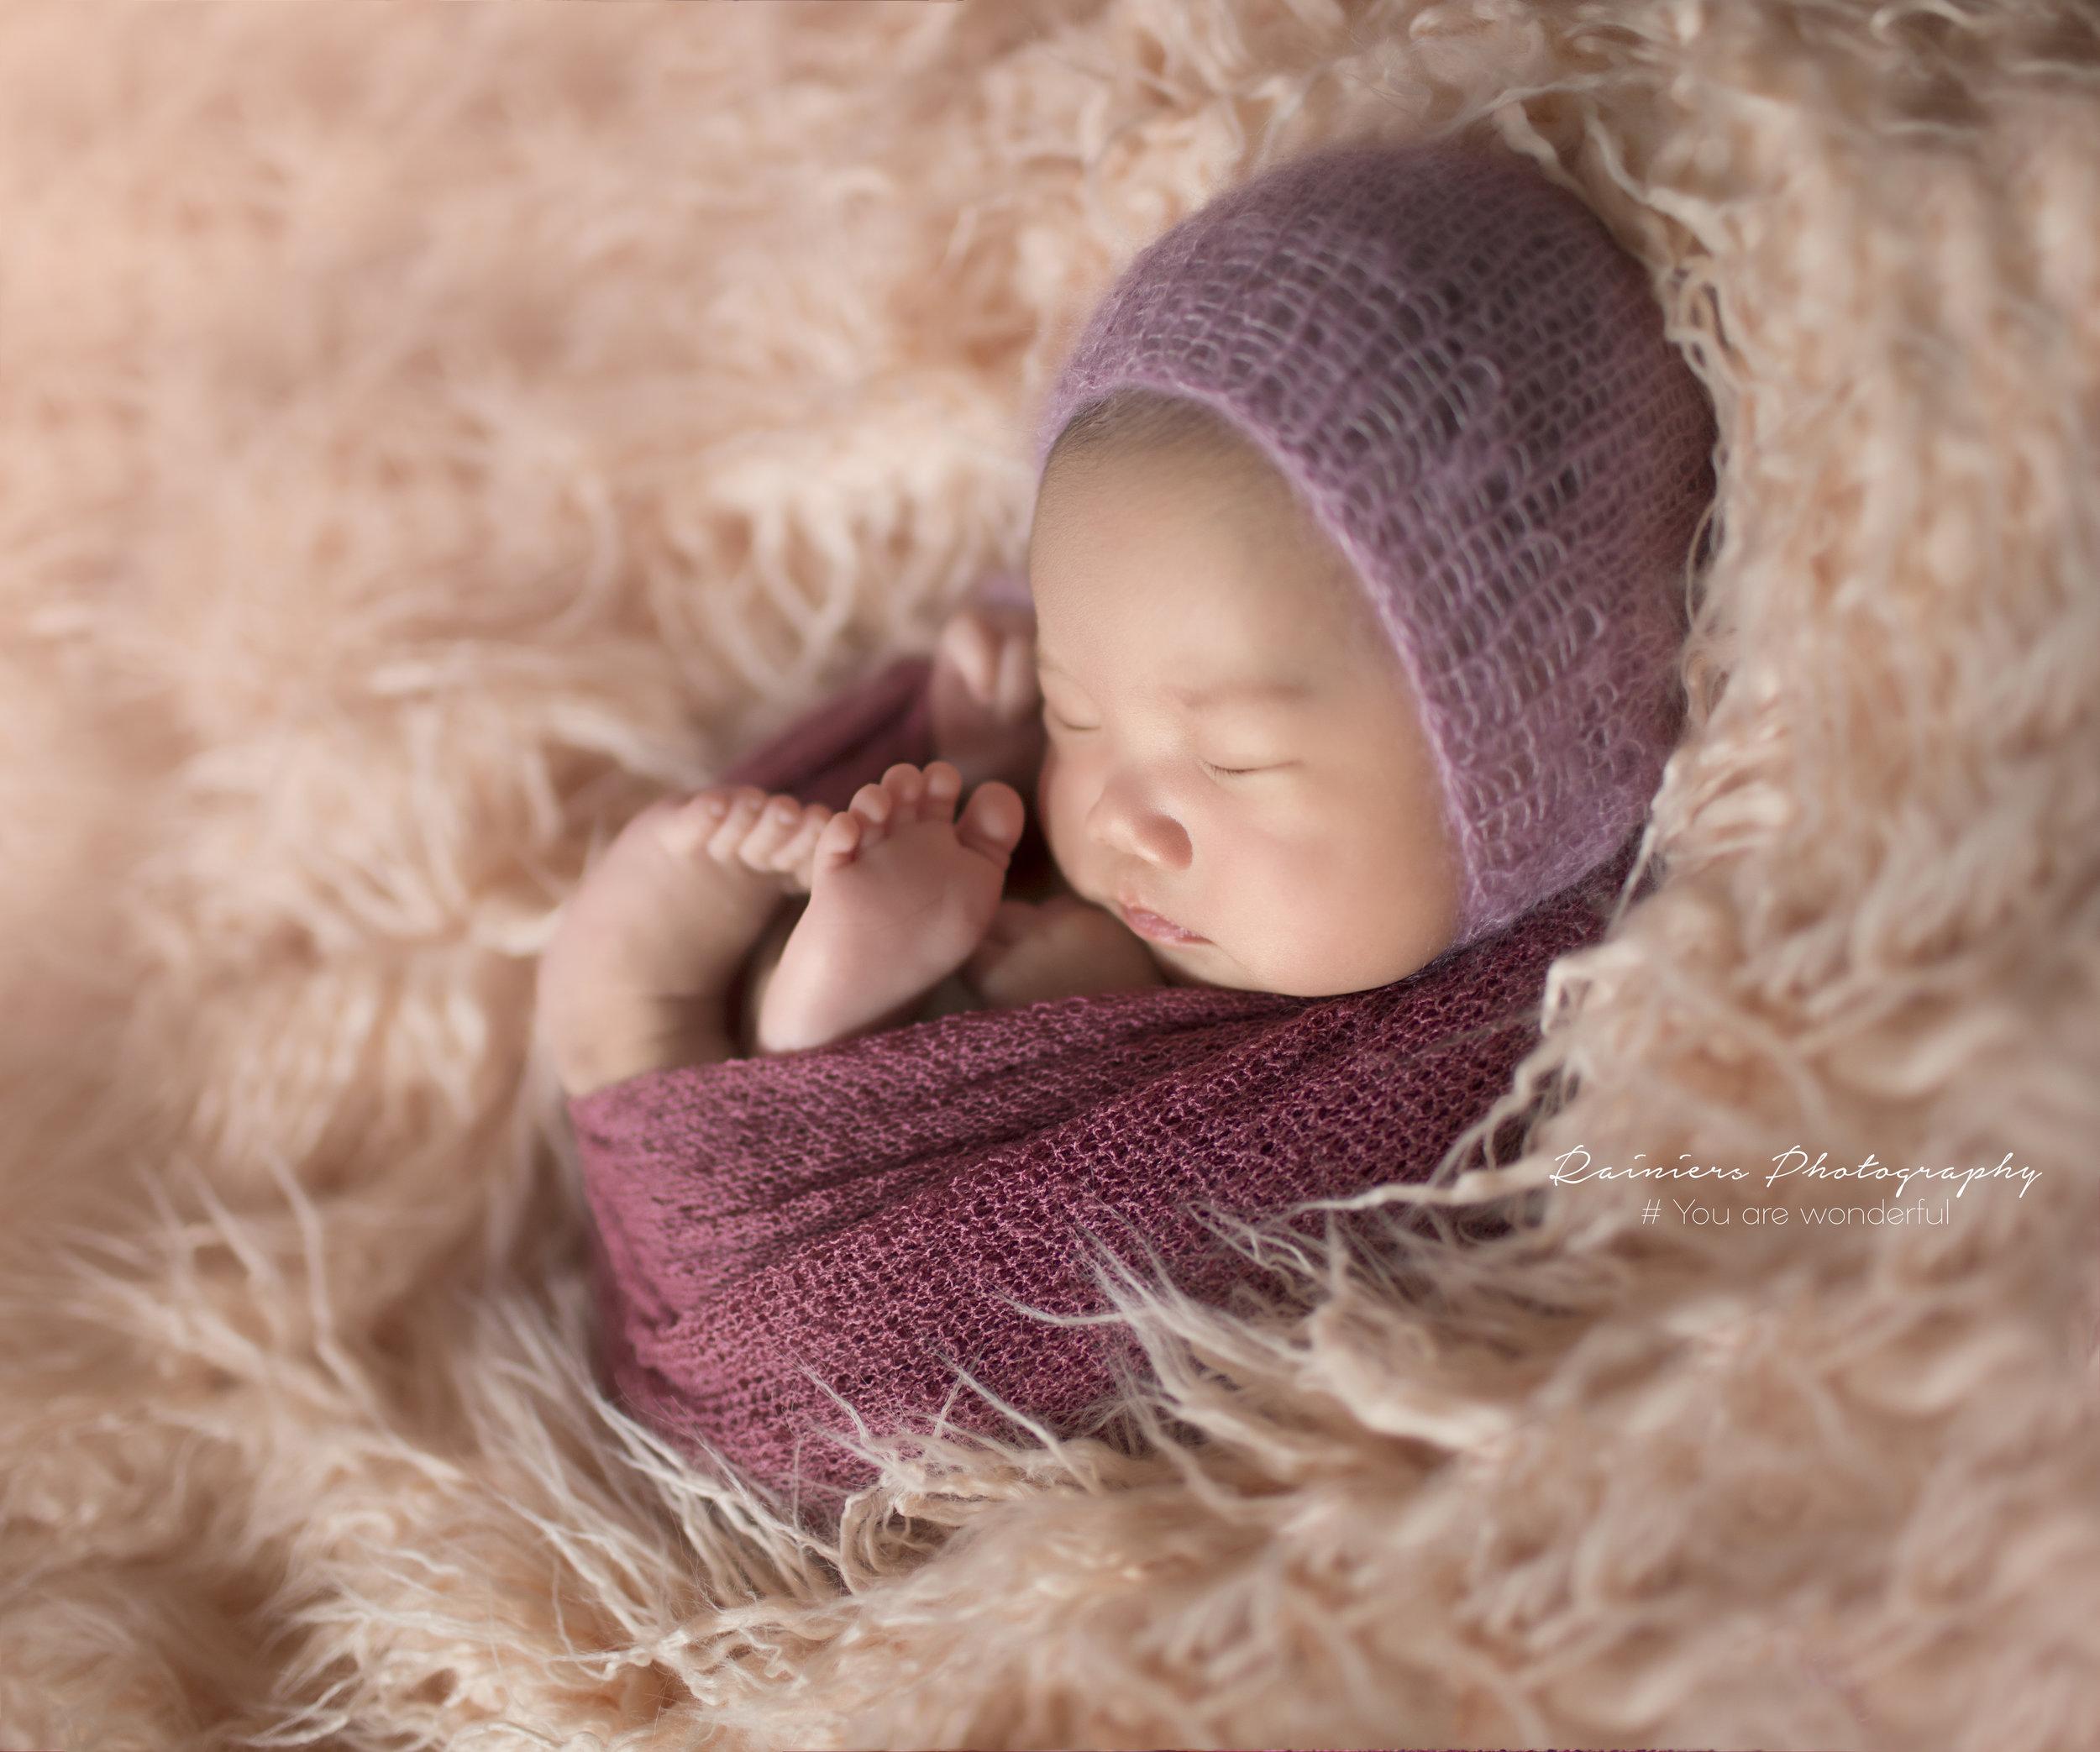 Baby Naveah-21.jpg